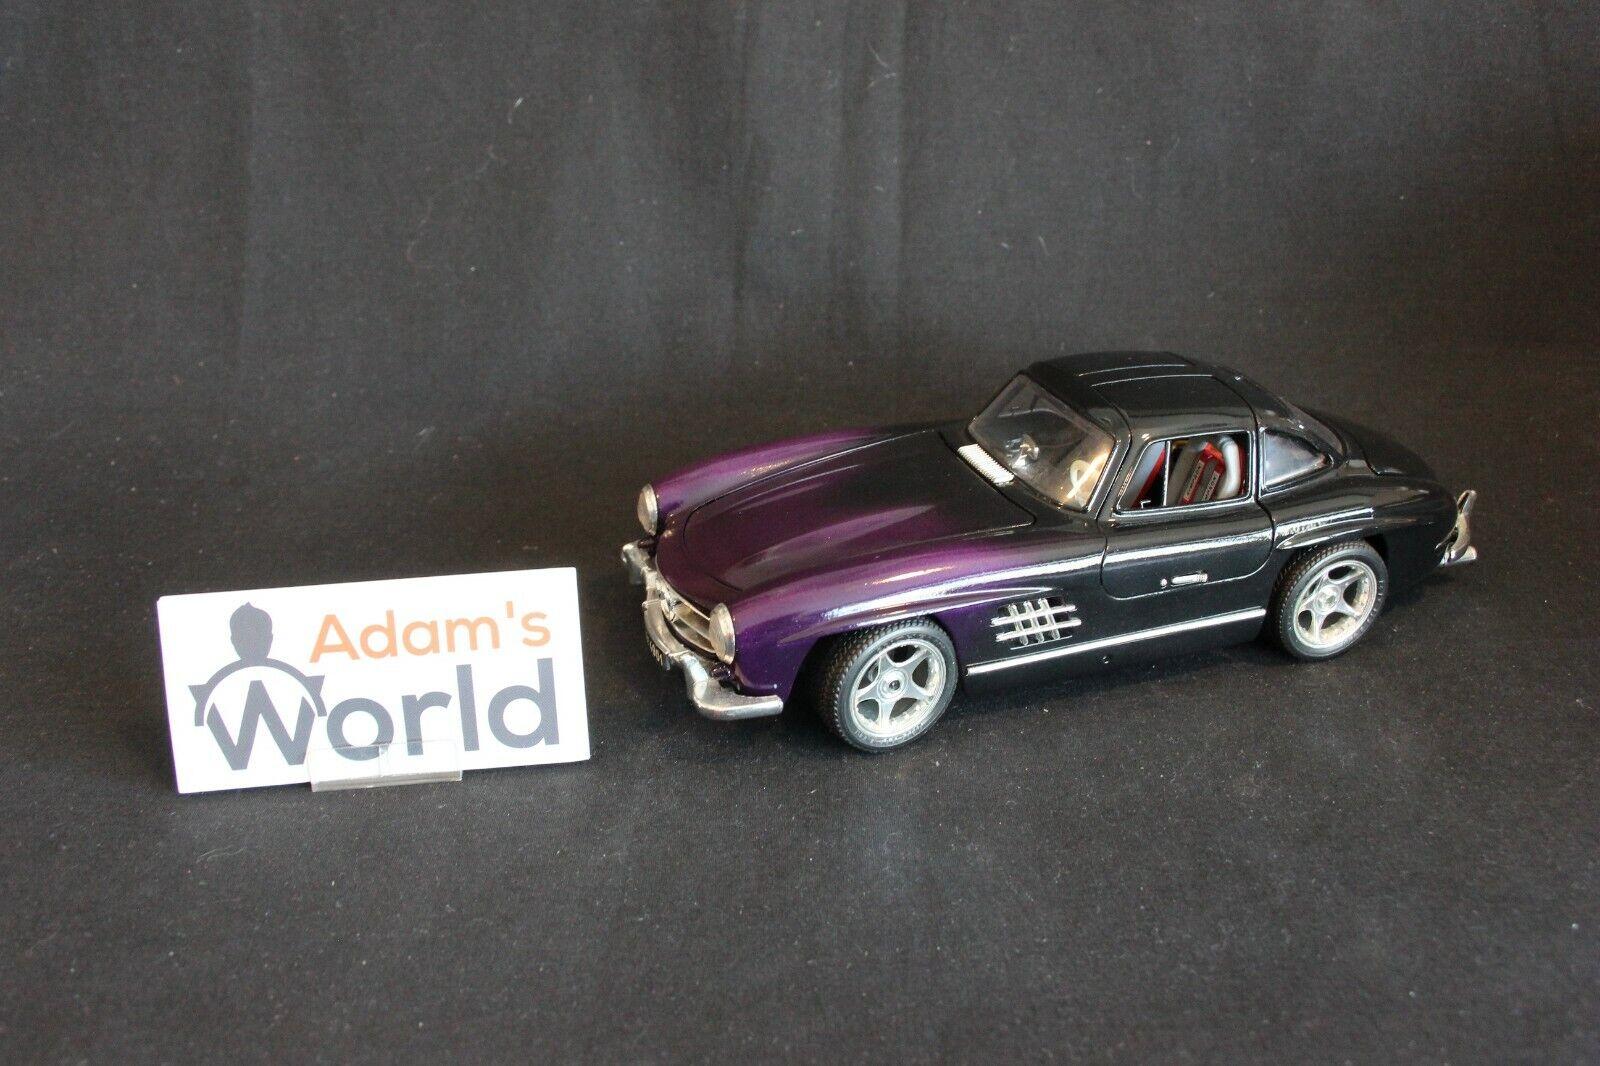 Descuento del 70% barato Bburago Mercedes-Benz 300 SL 1 18 tuning tuning tuning  special paint  (JS)  hasta un 65% de descuento